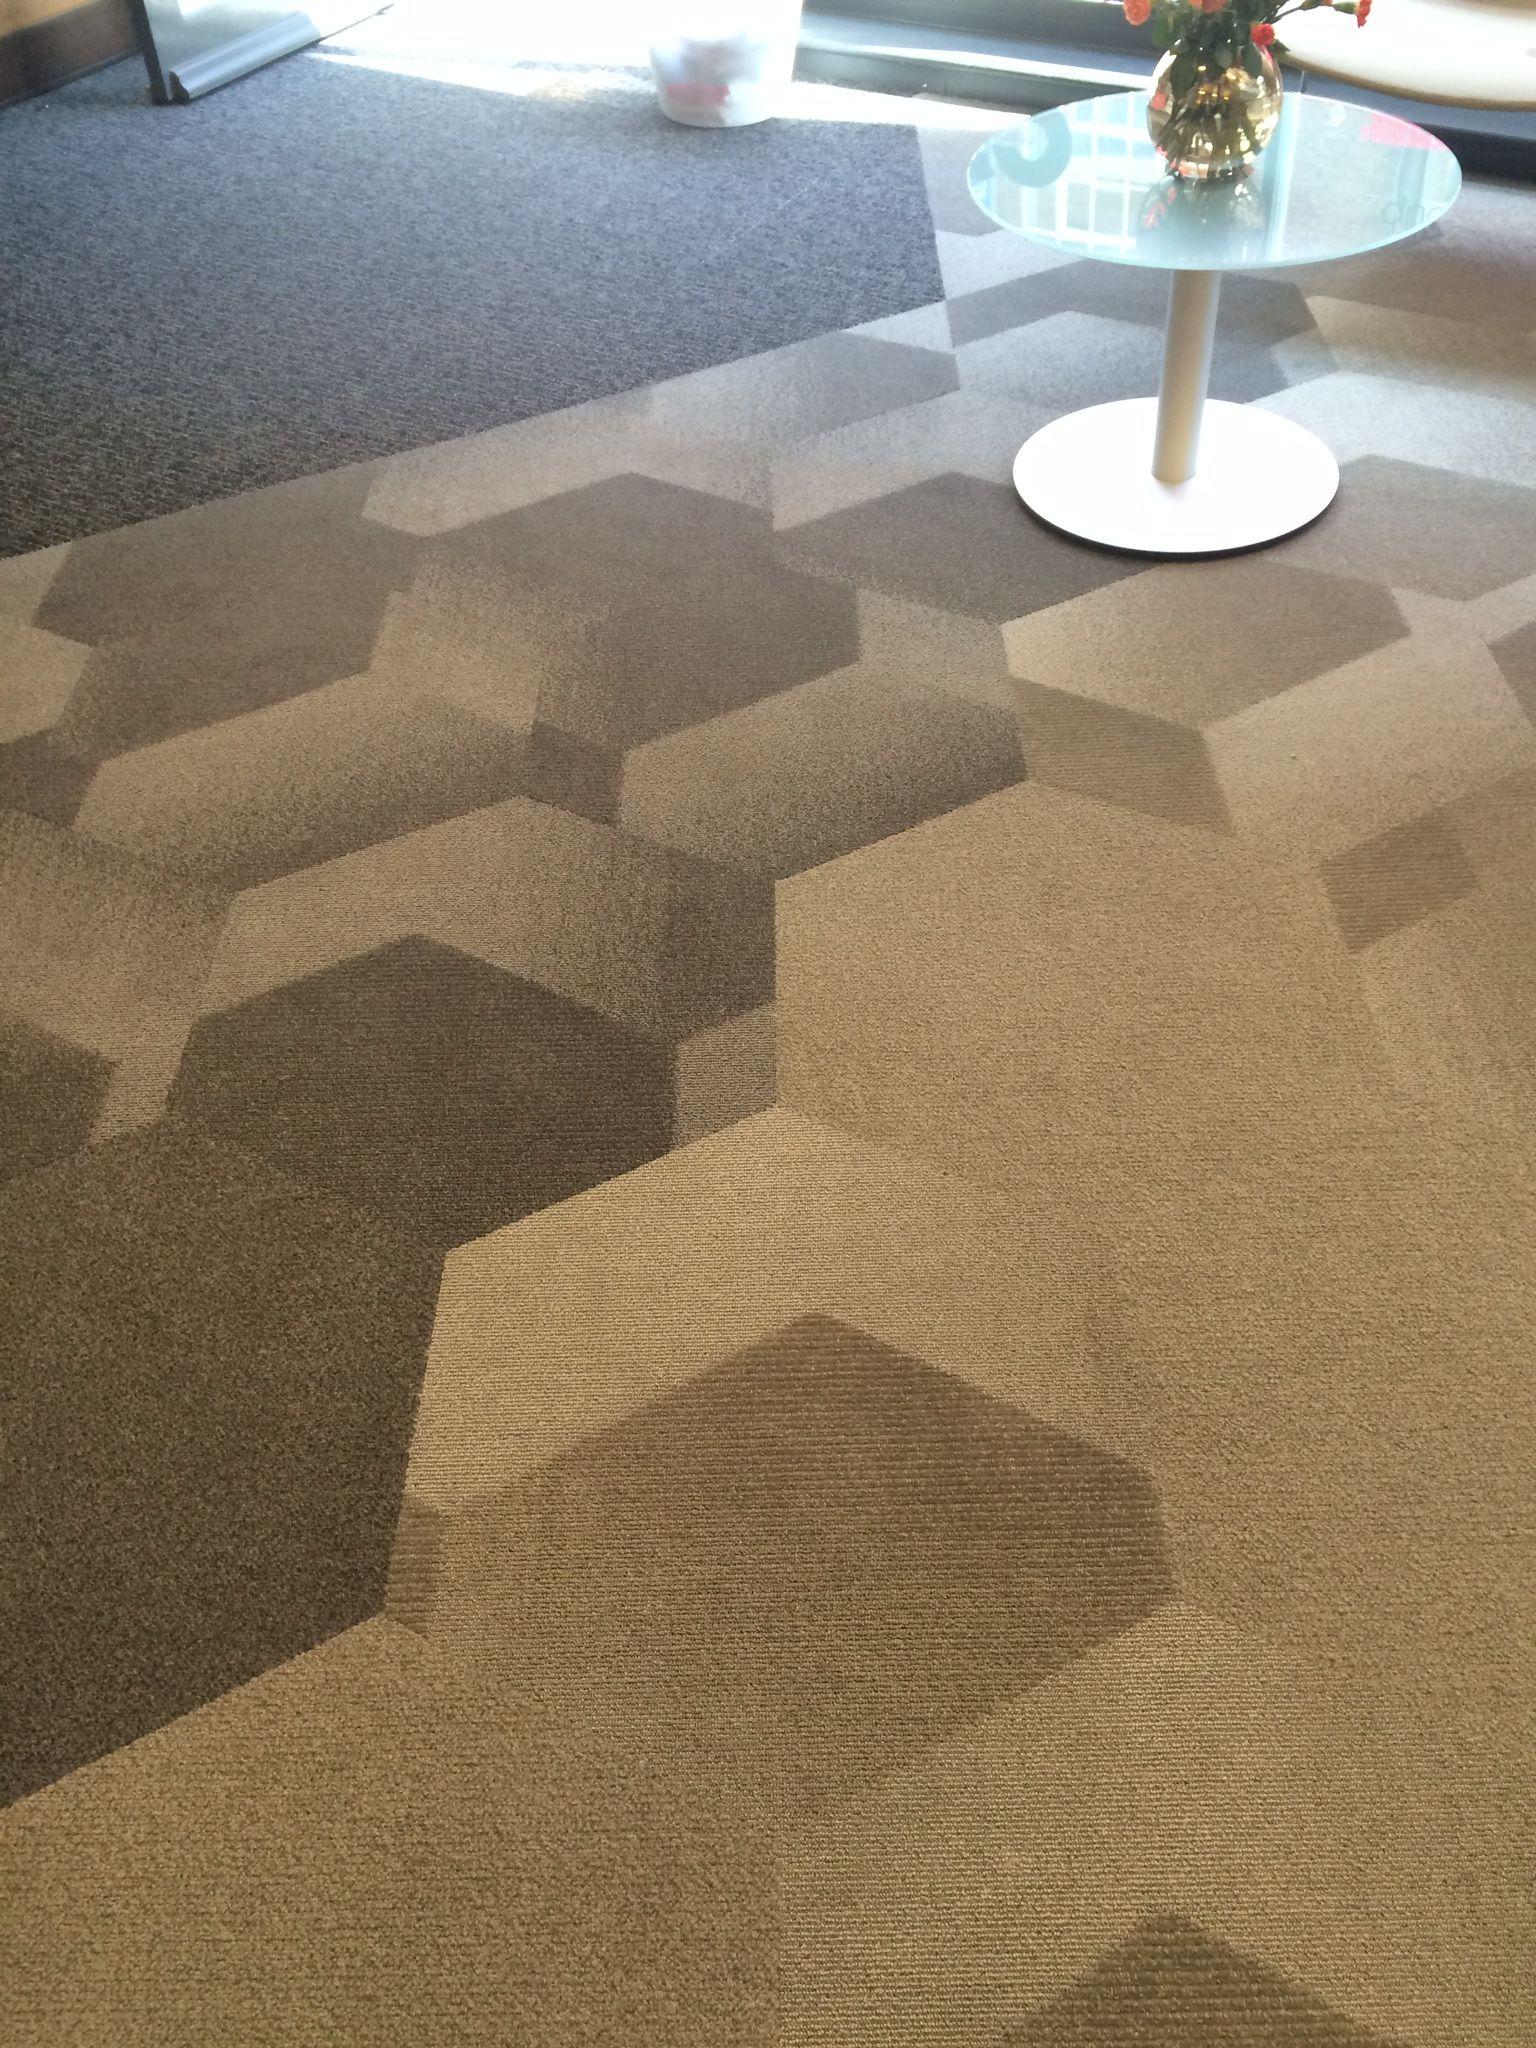 Bevel hexagon carpet tile installation. | Spotted ...